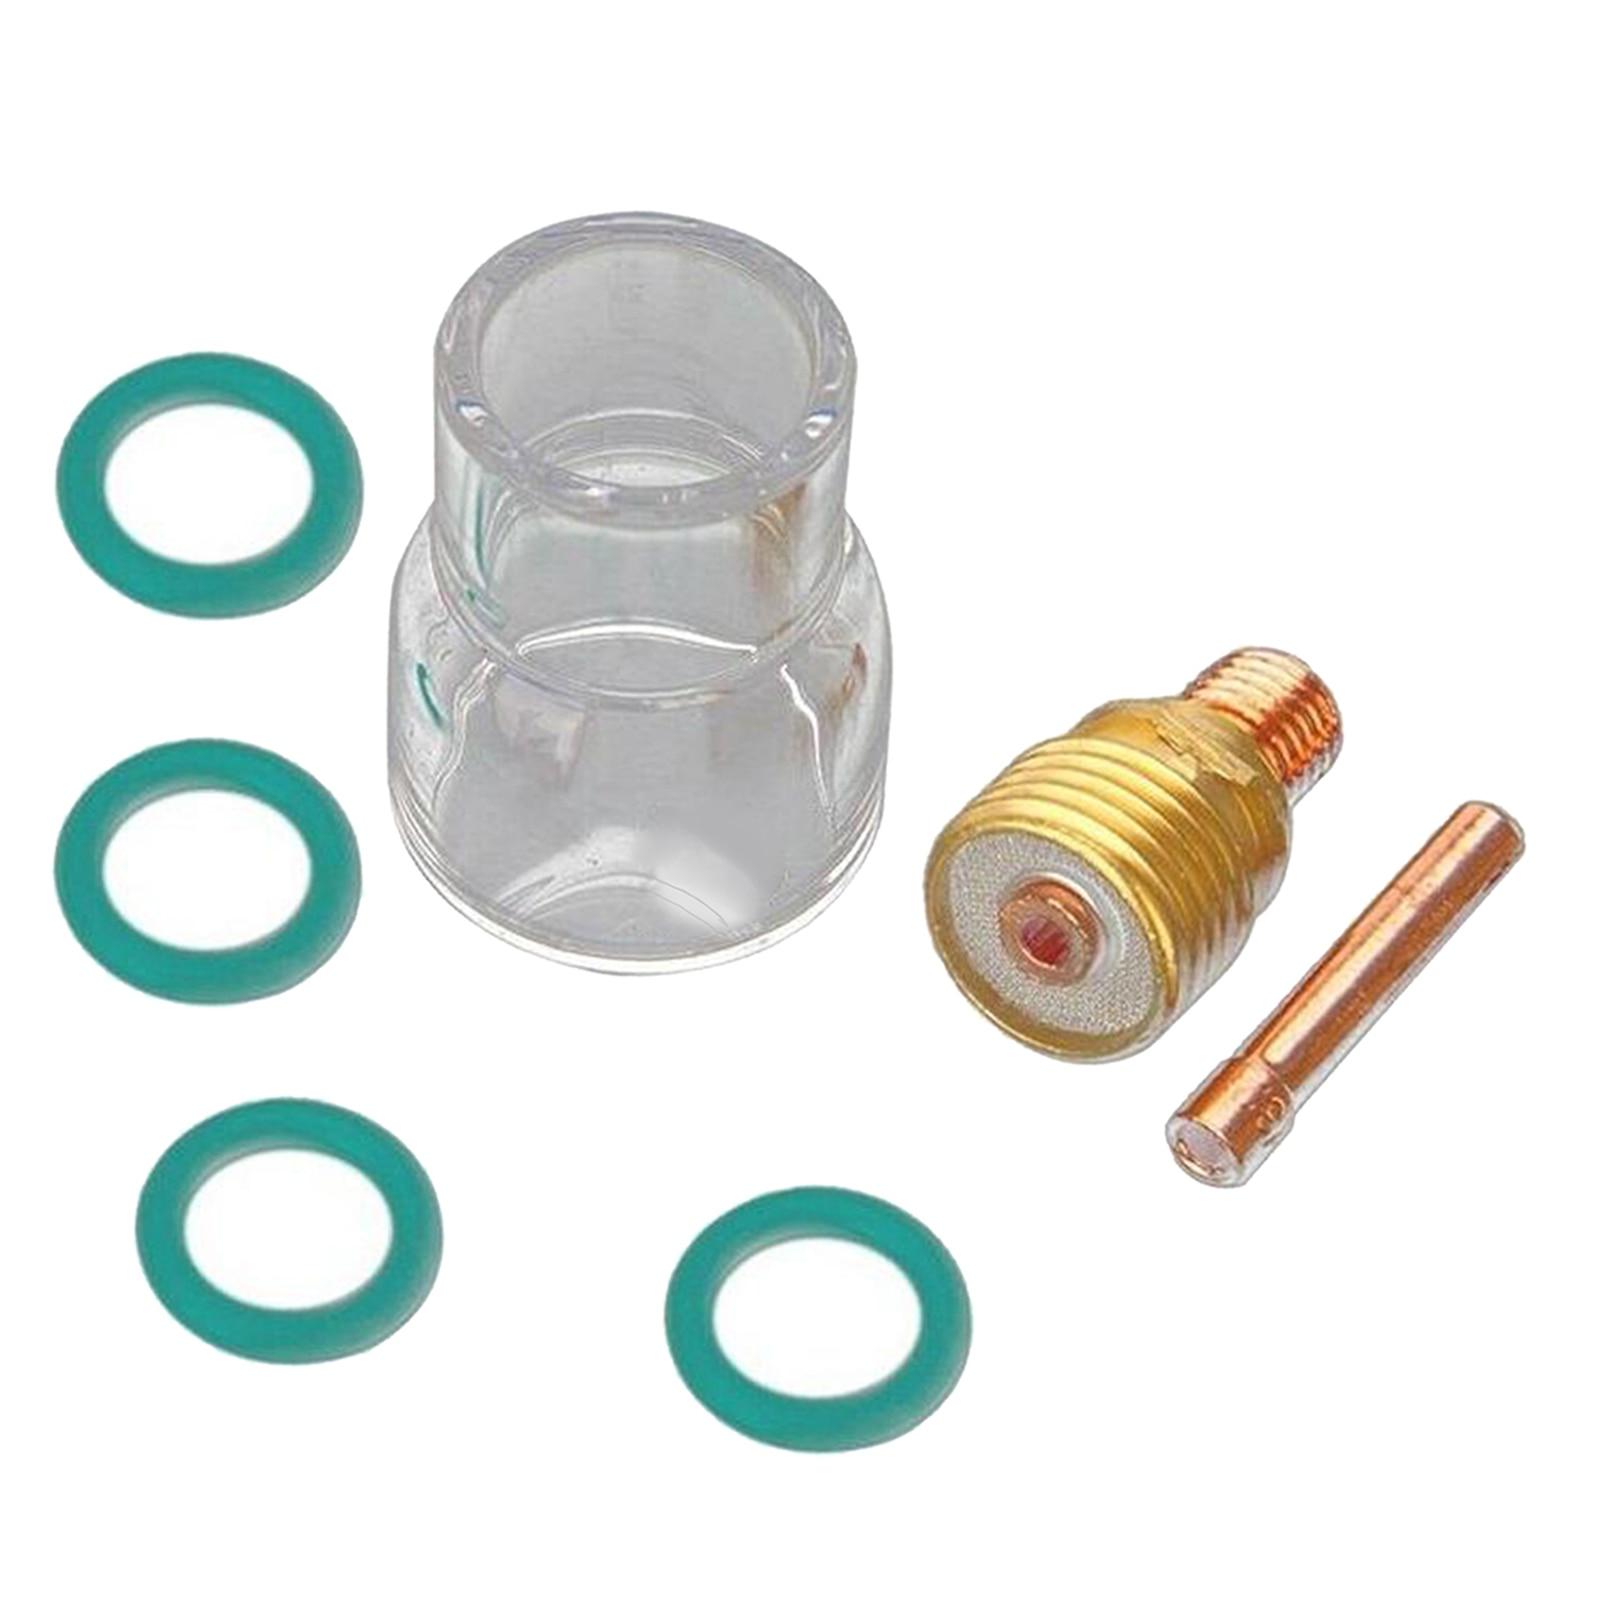 7 шт./компл. фонарь TIG сварочный газовый объектив #12 Стекло Набор чашек для WP17 WP18 WP26